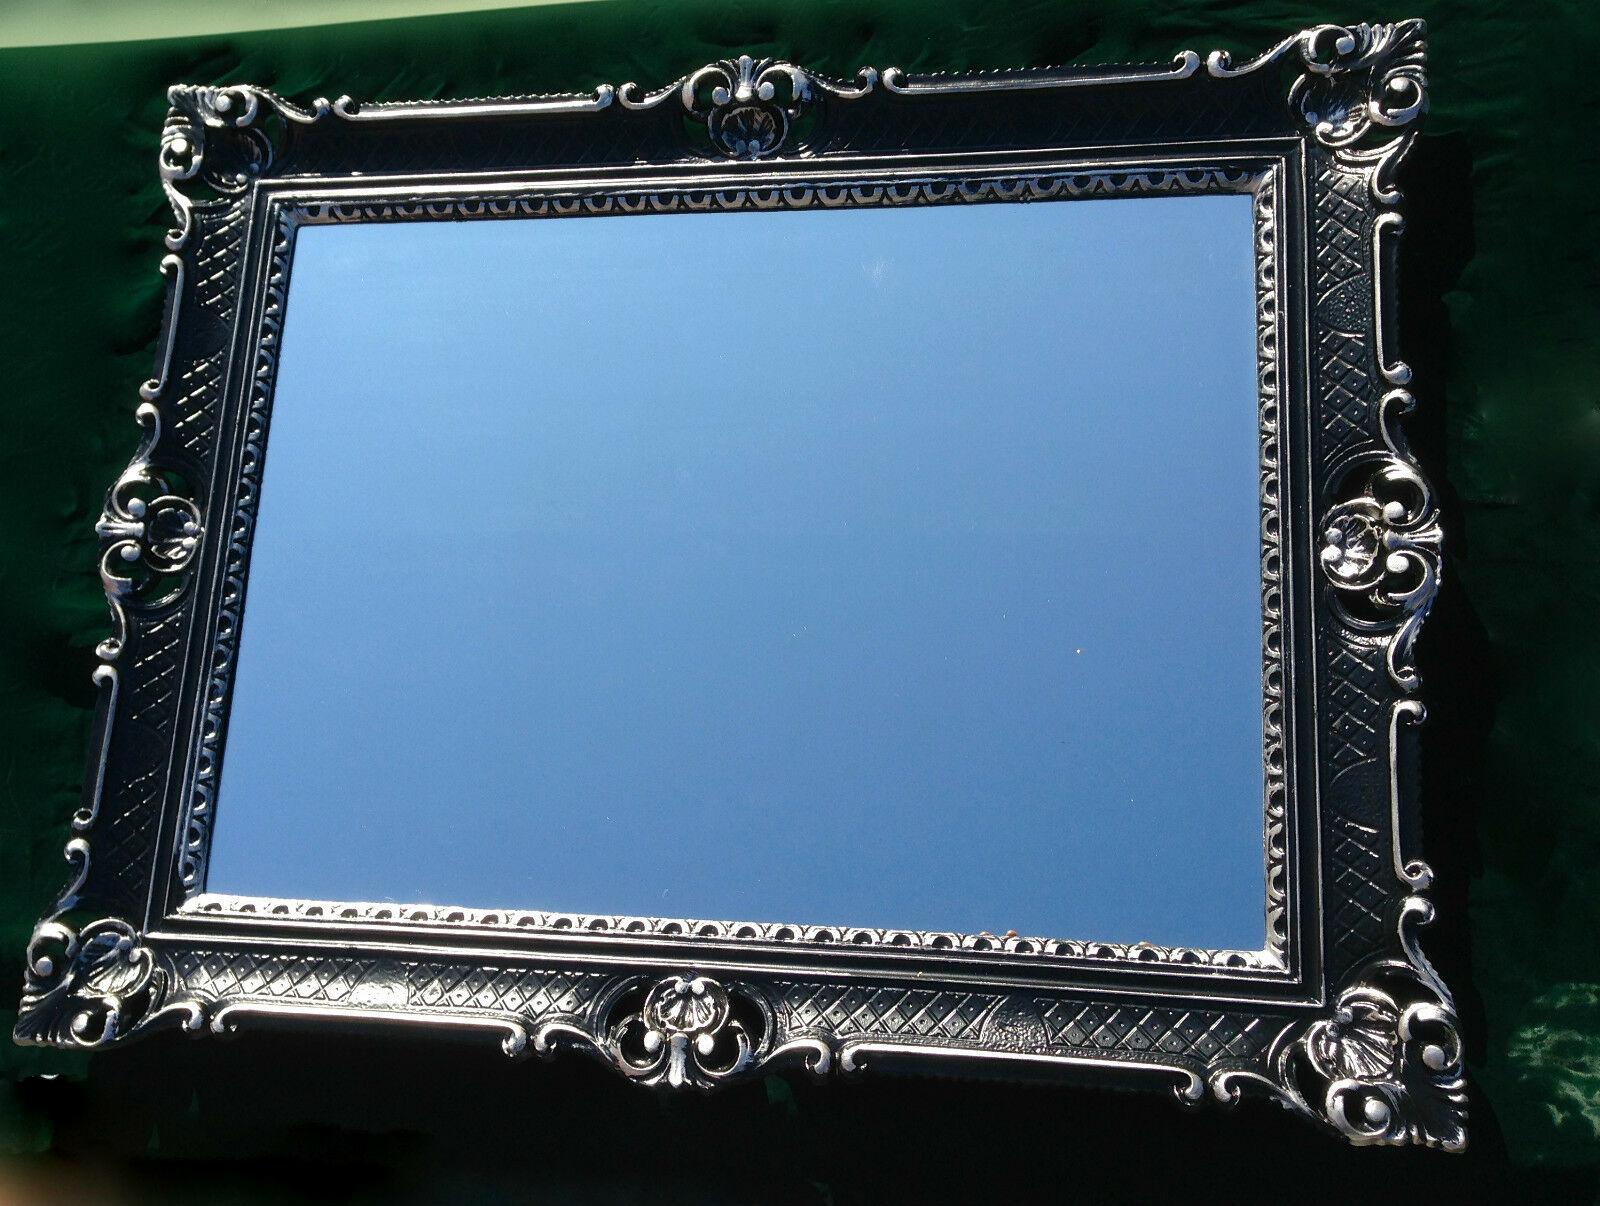 wandspiegel barock gro er spiegel schwarz silber hochglanz 90x70 rahmen antik kaufen bei. Black Bedroom Furniture Sets. Home Design Ideas